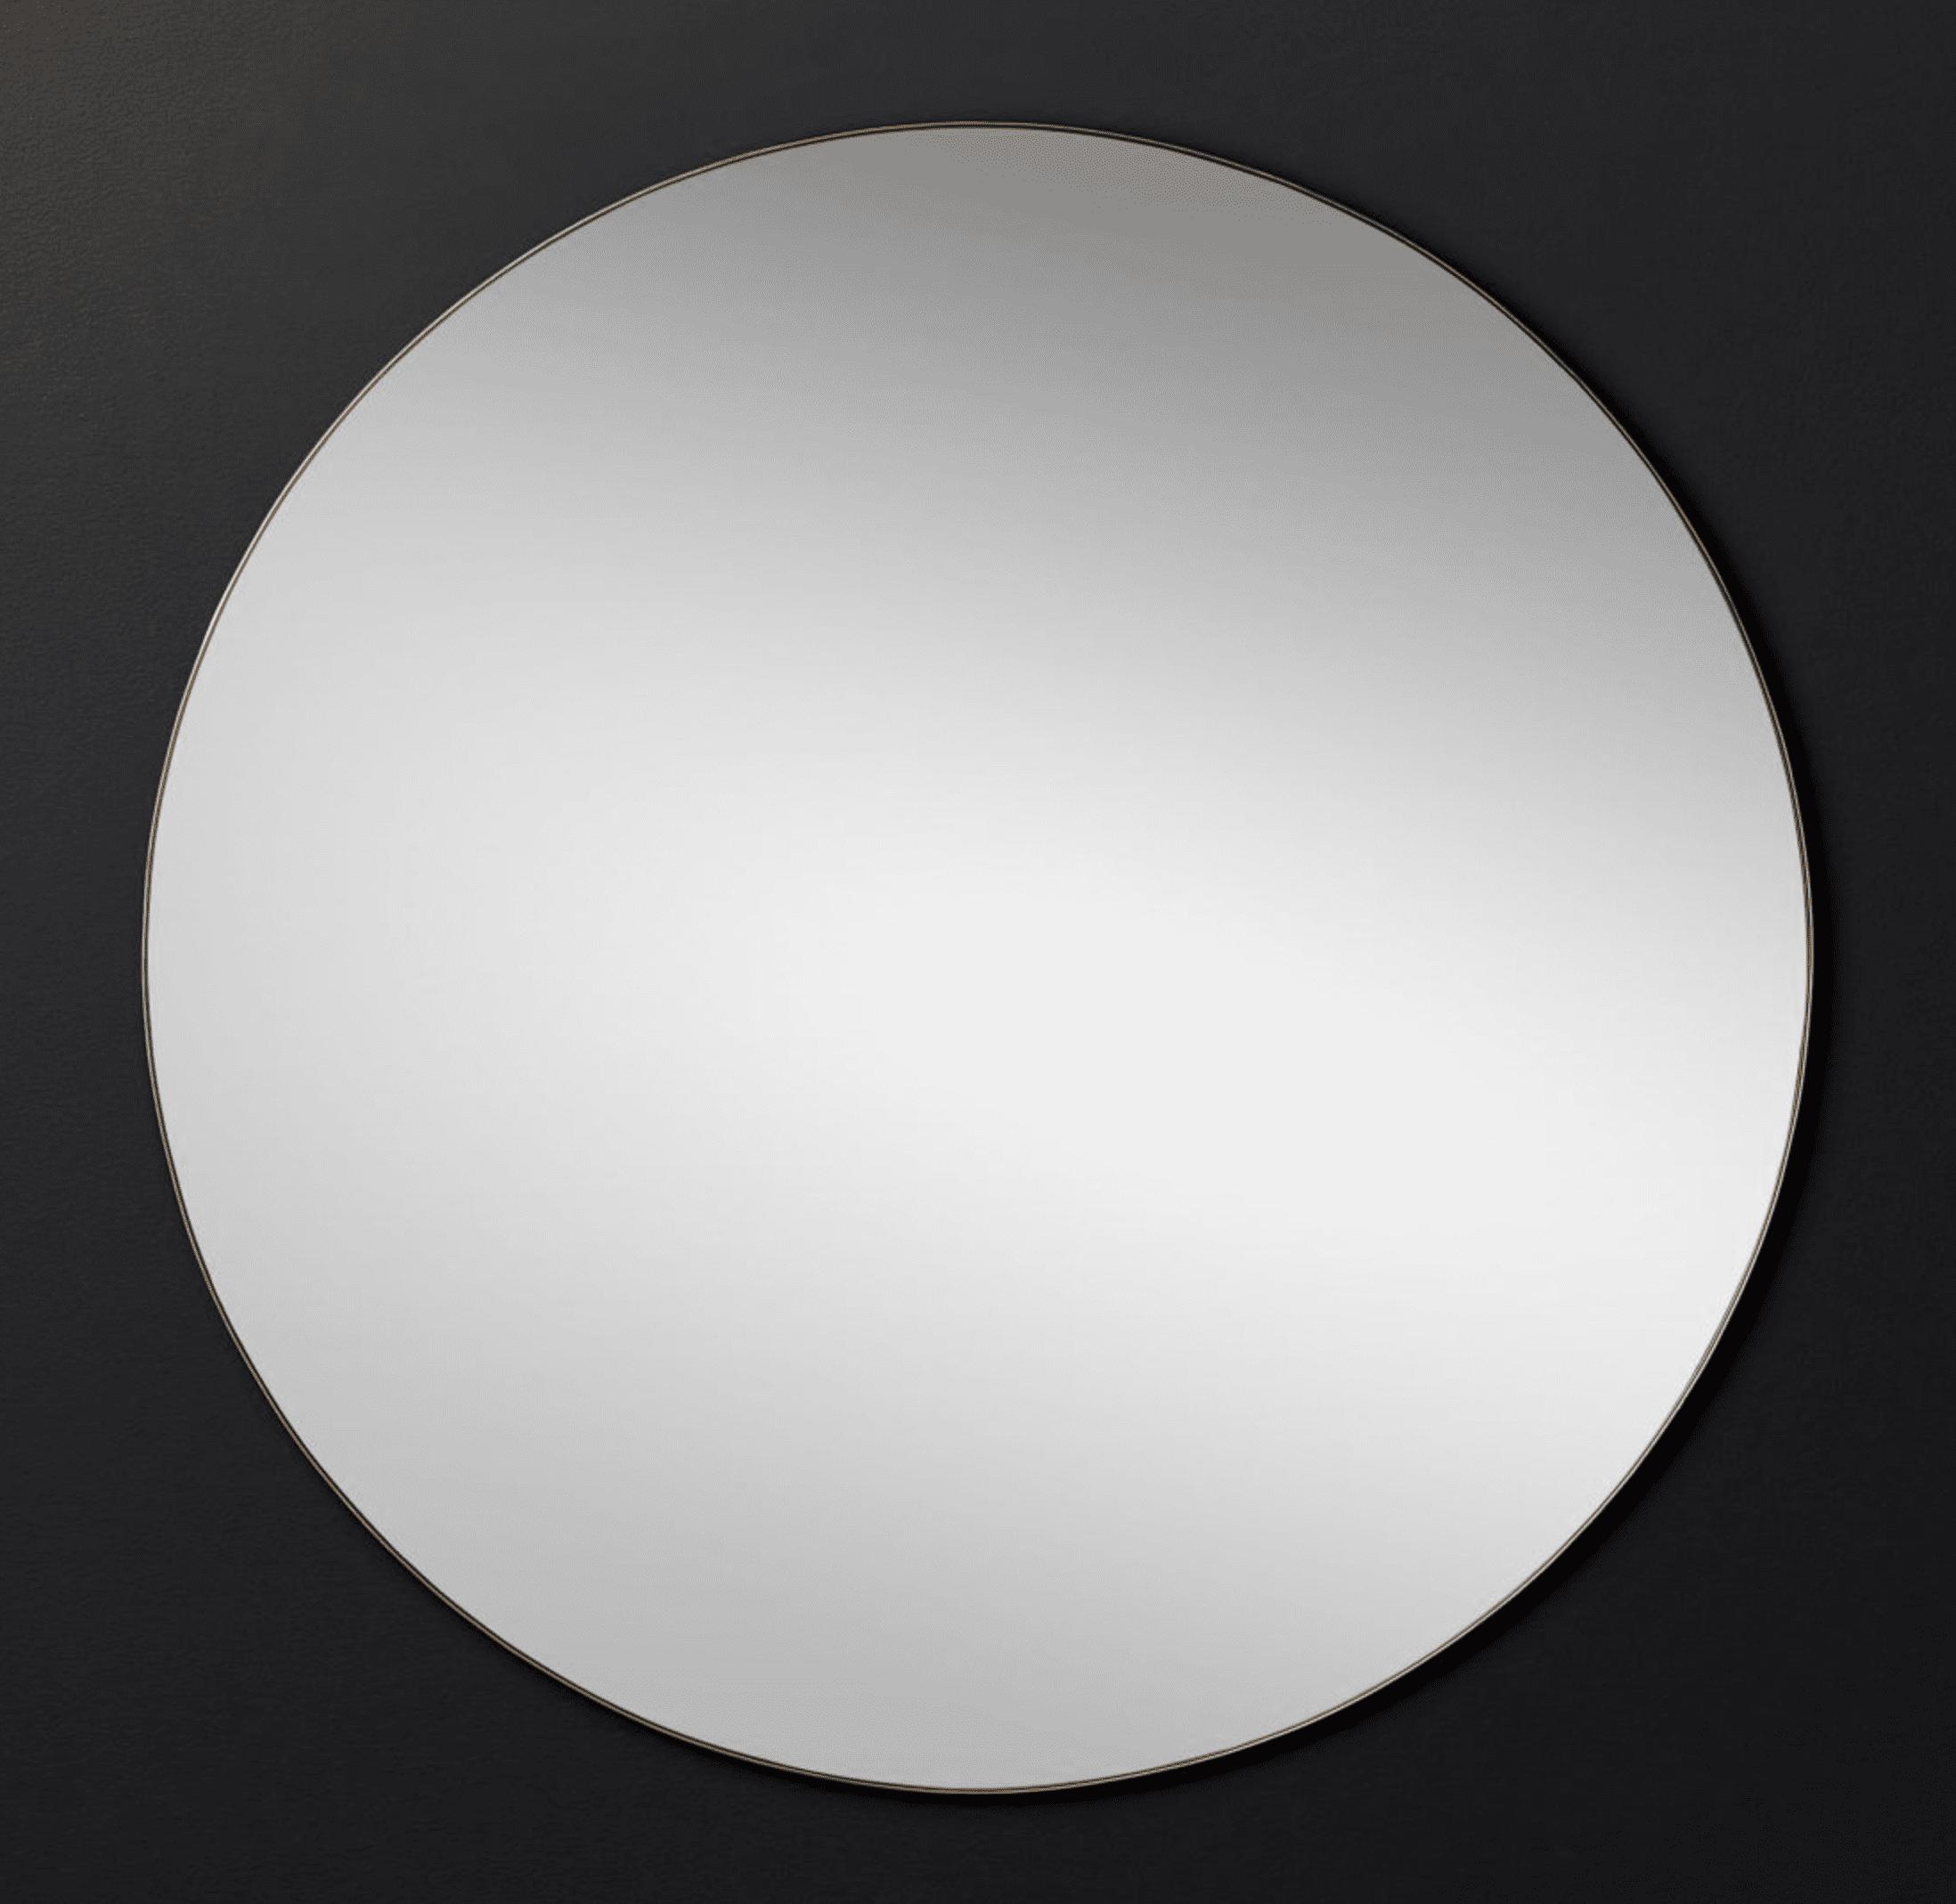 Lucent Round Mirror